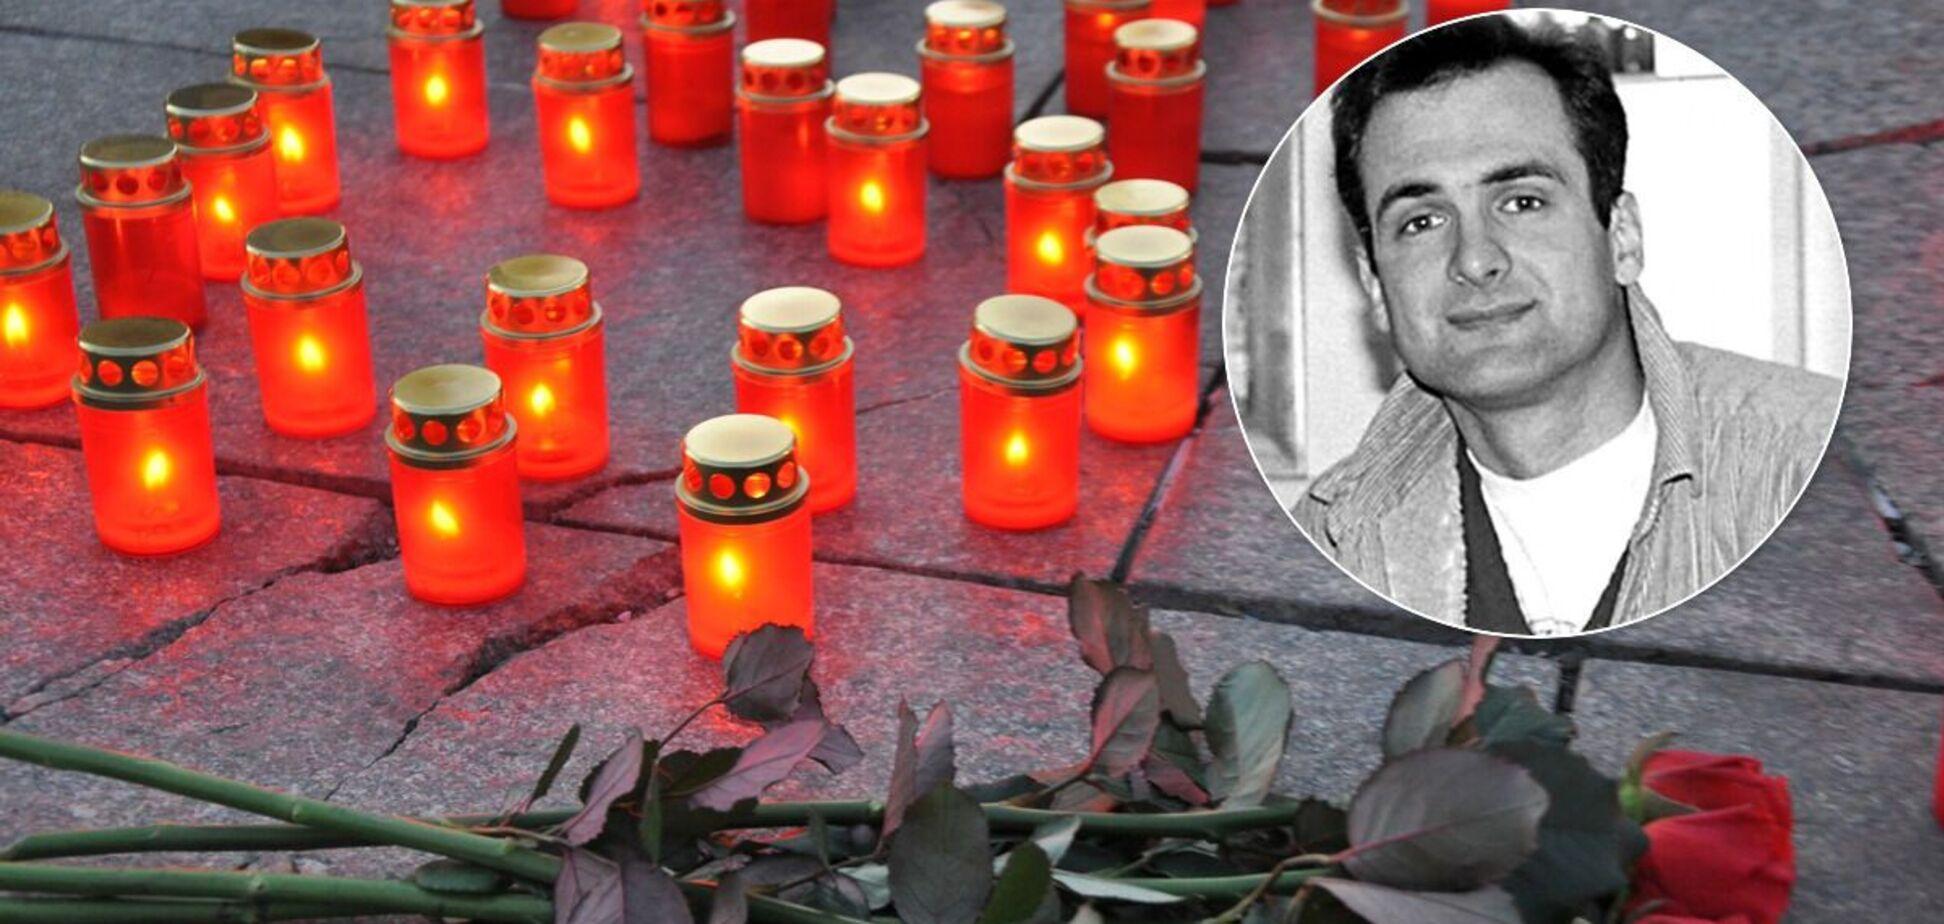 У справі про вбивство Гонгадзе зникли свідчення